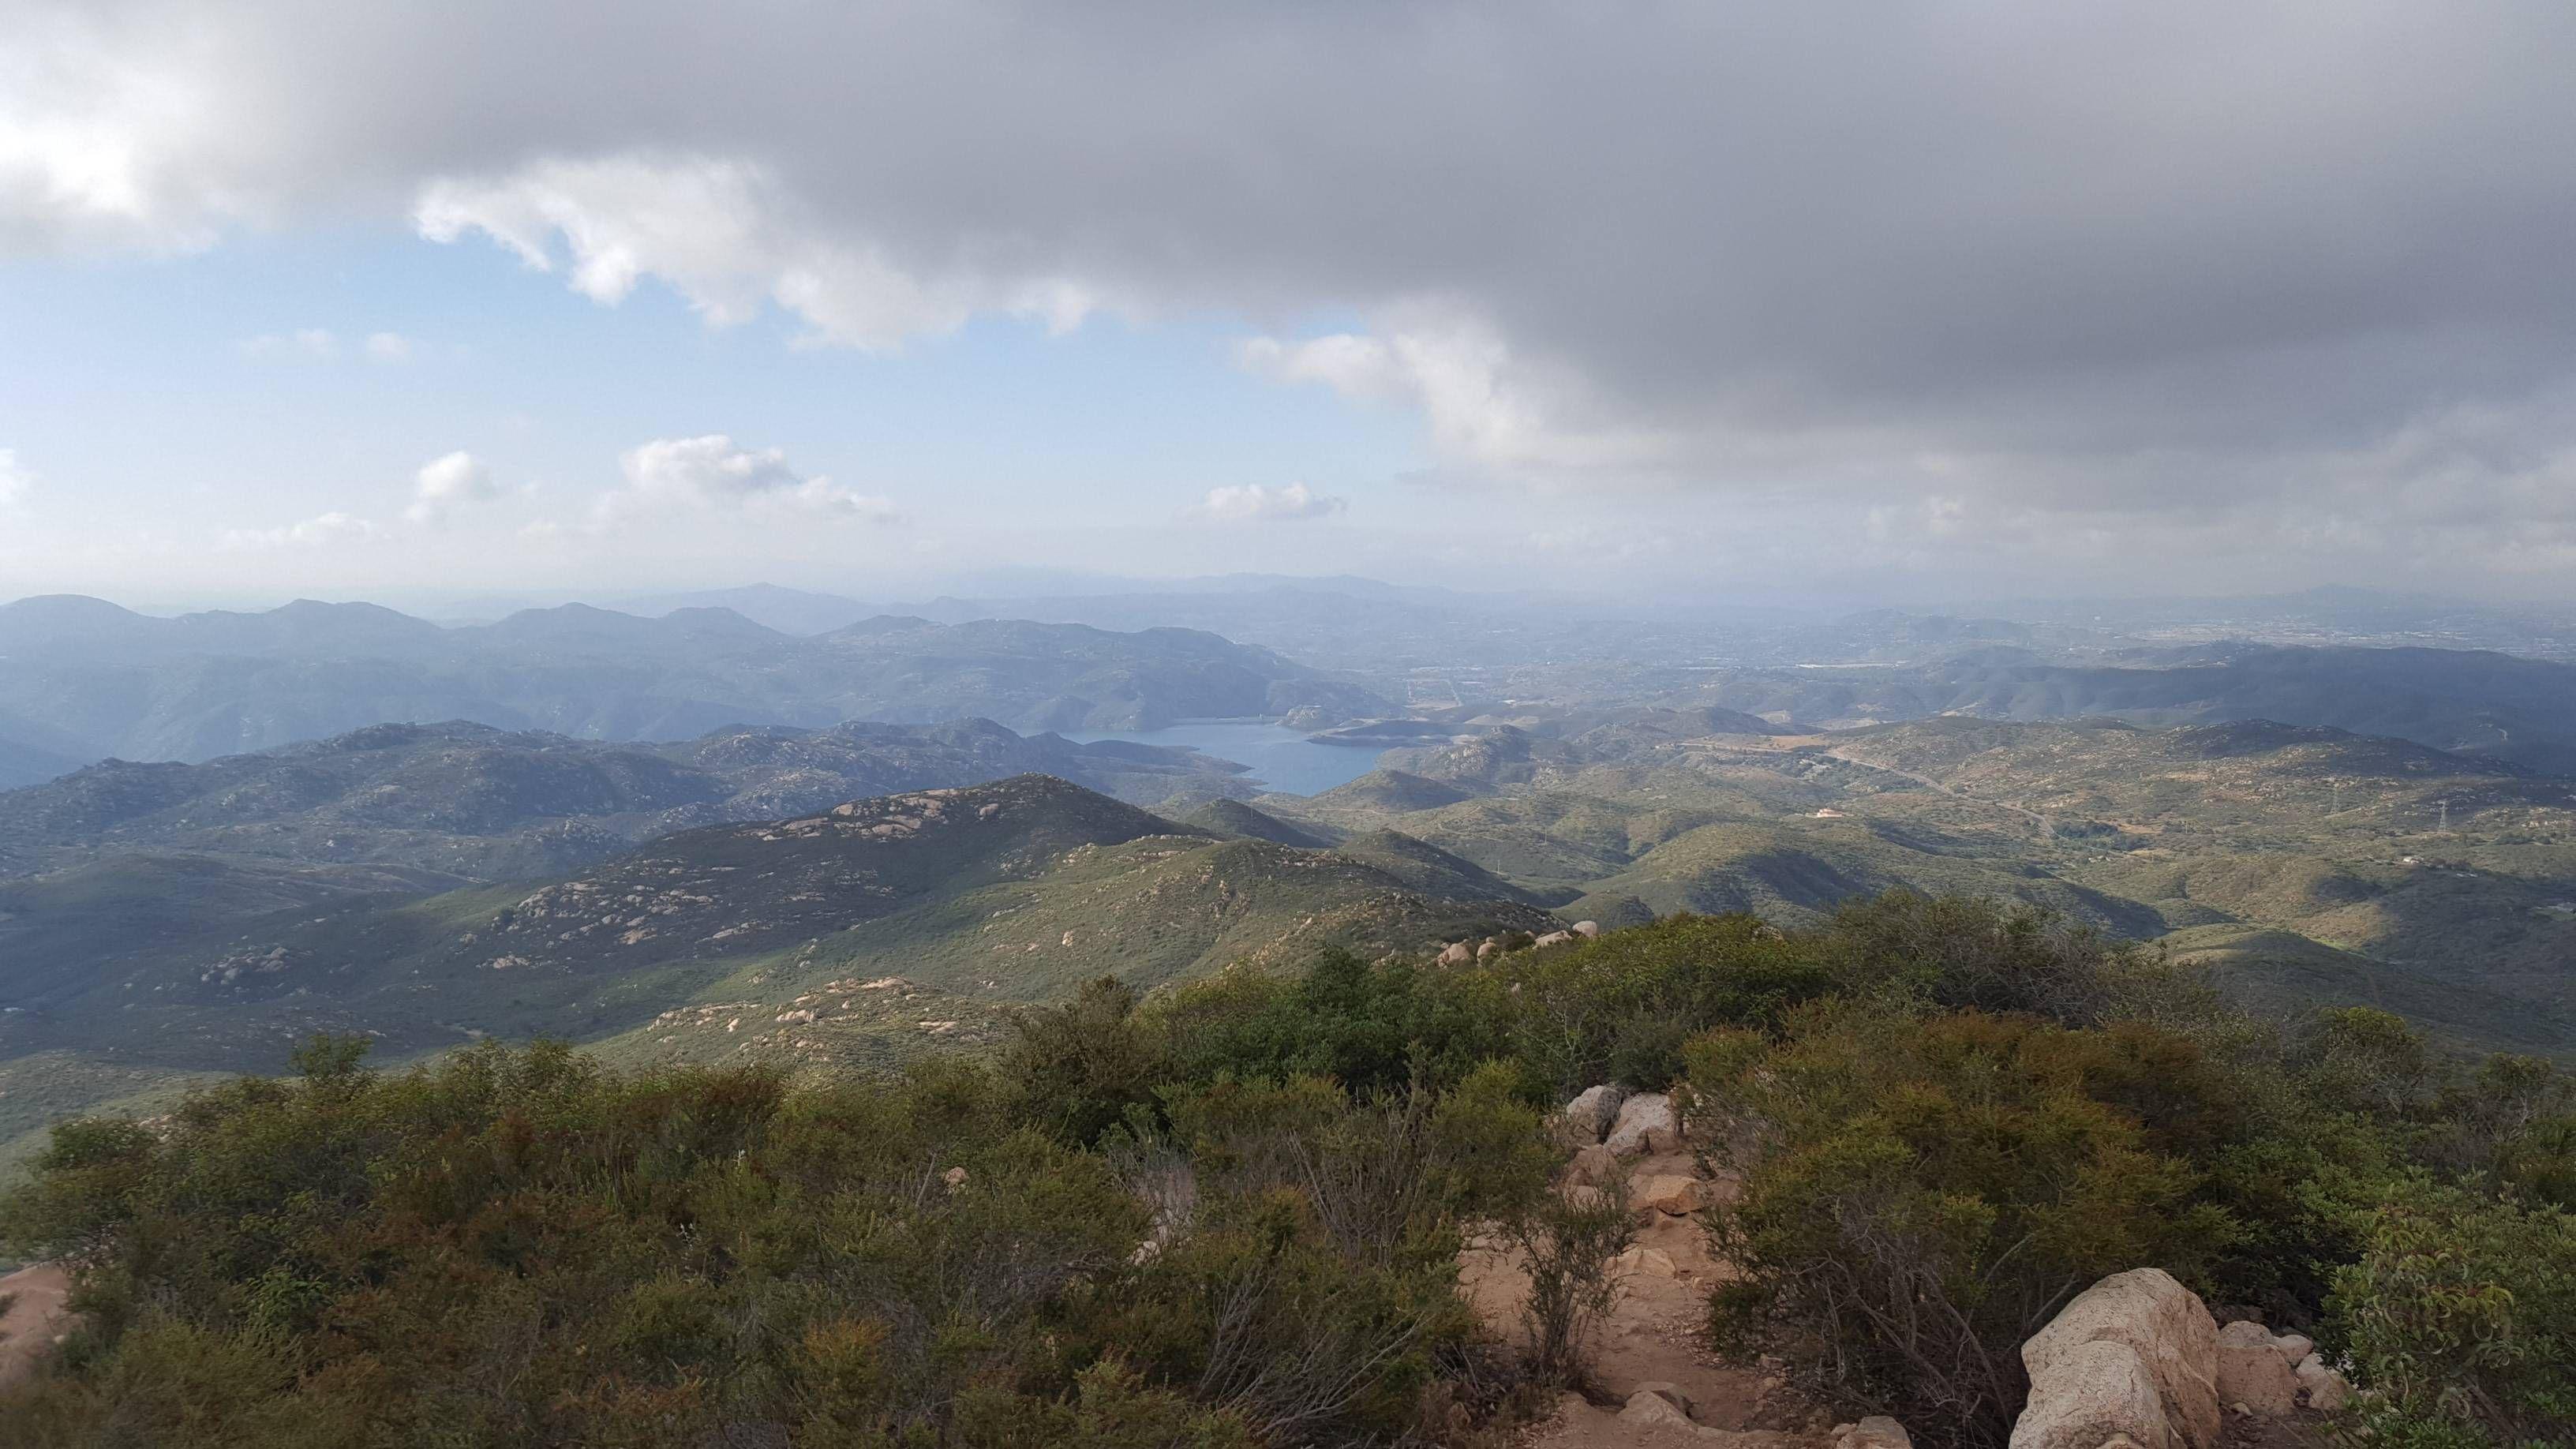 Iron Mountain Trail Ramona CA at 7:42AM (5/20/16) [3264 x 1836] [OC]